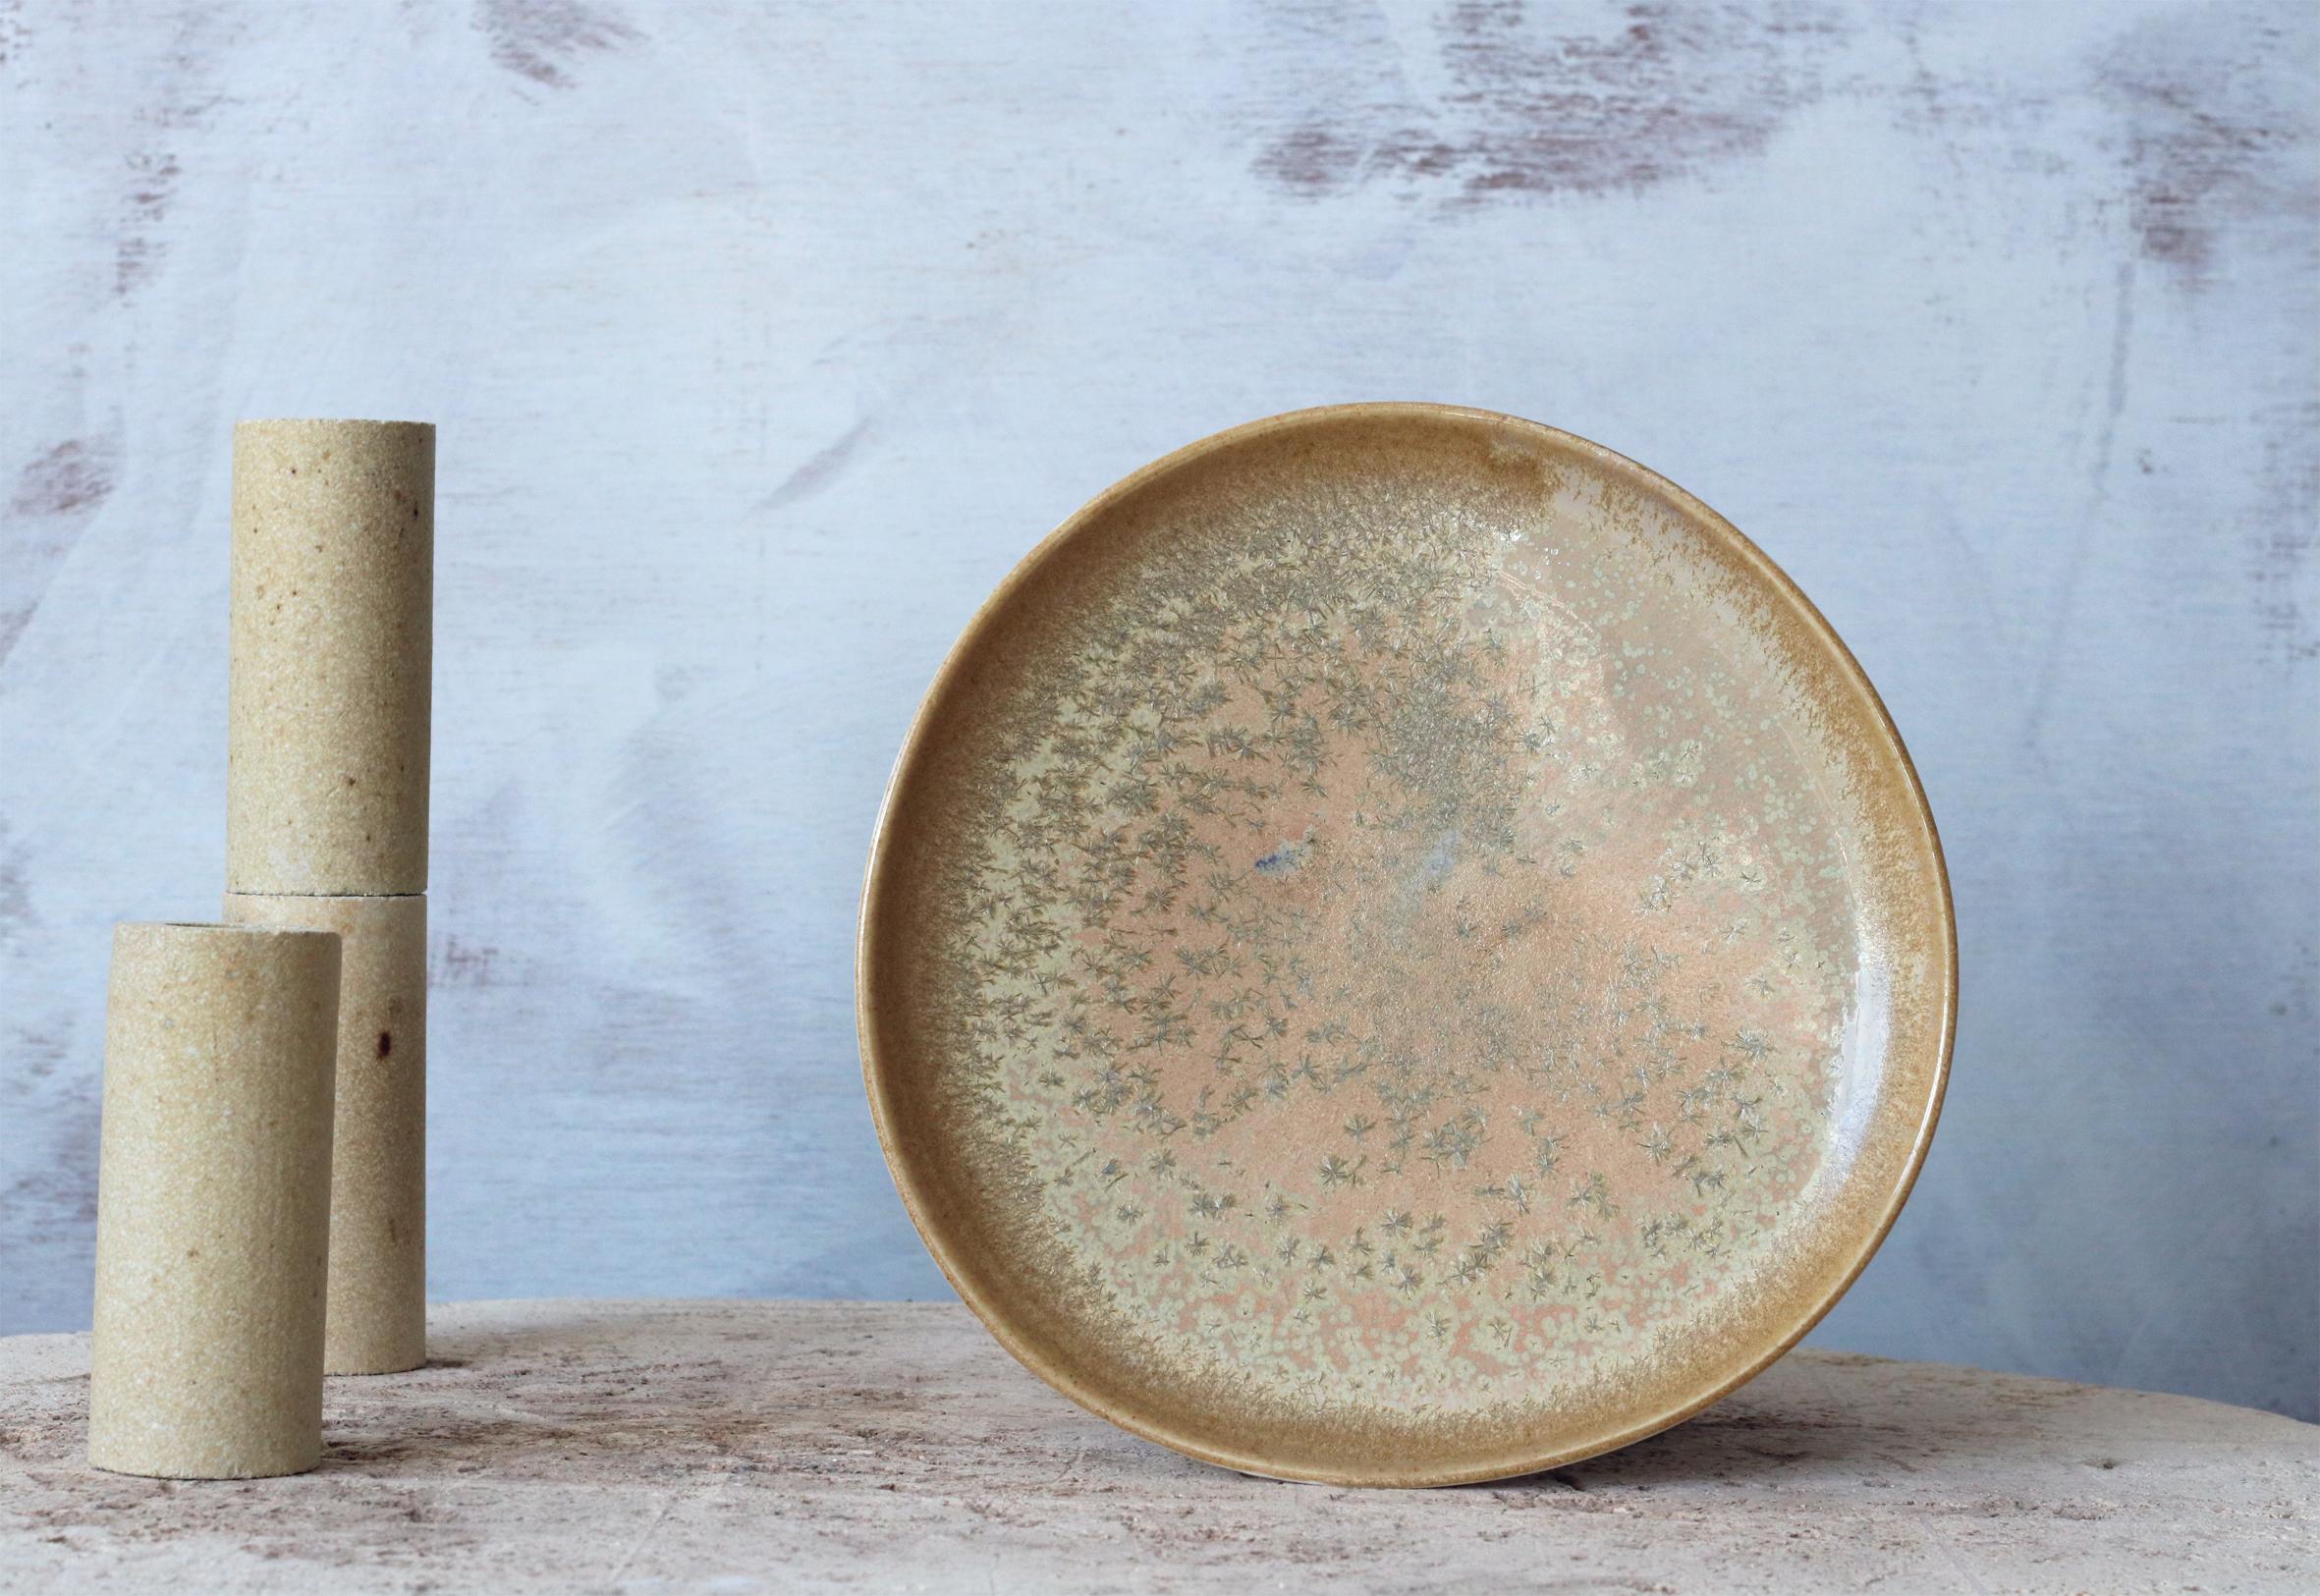 Crystal Glaze on porcelain plate